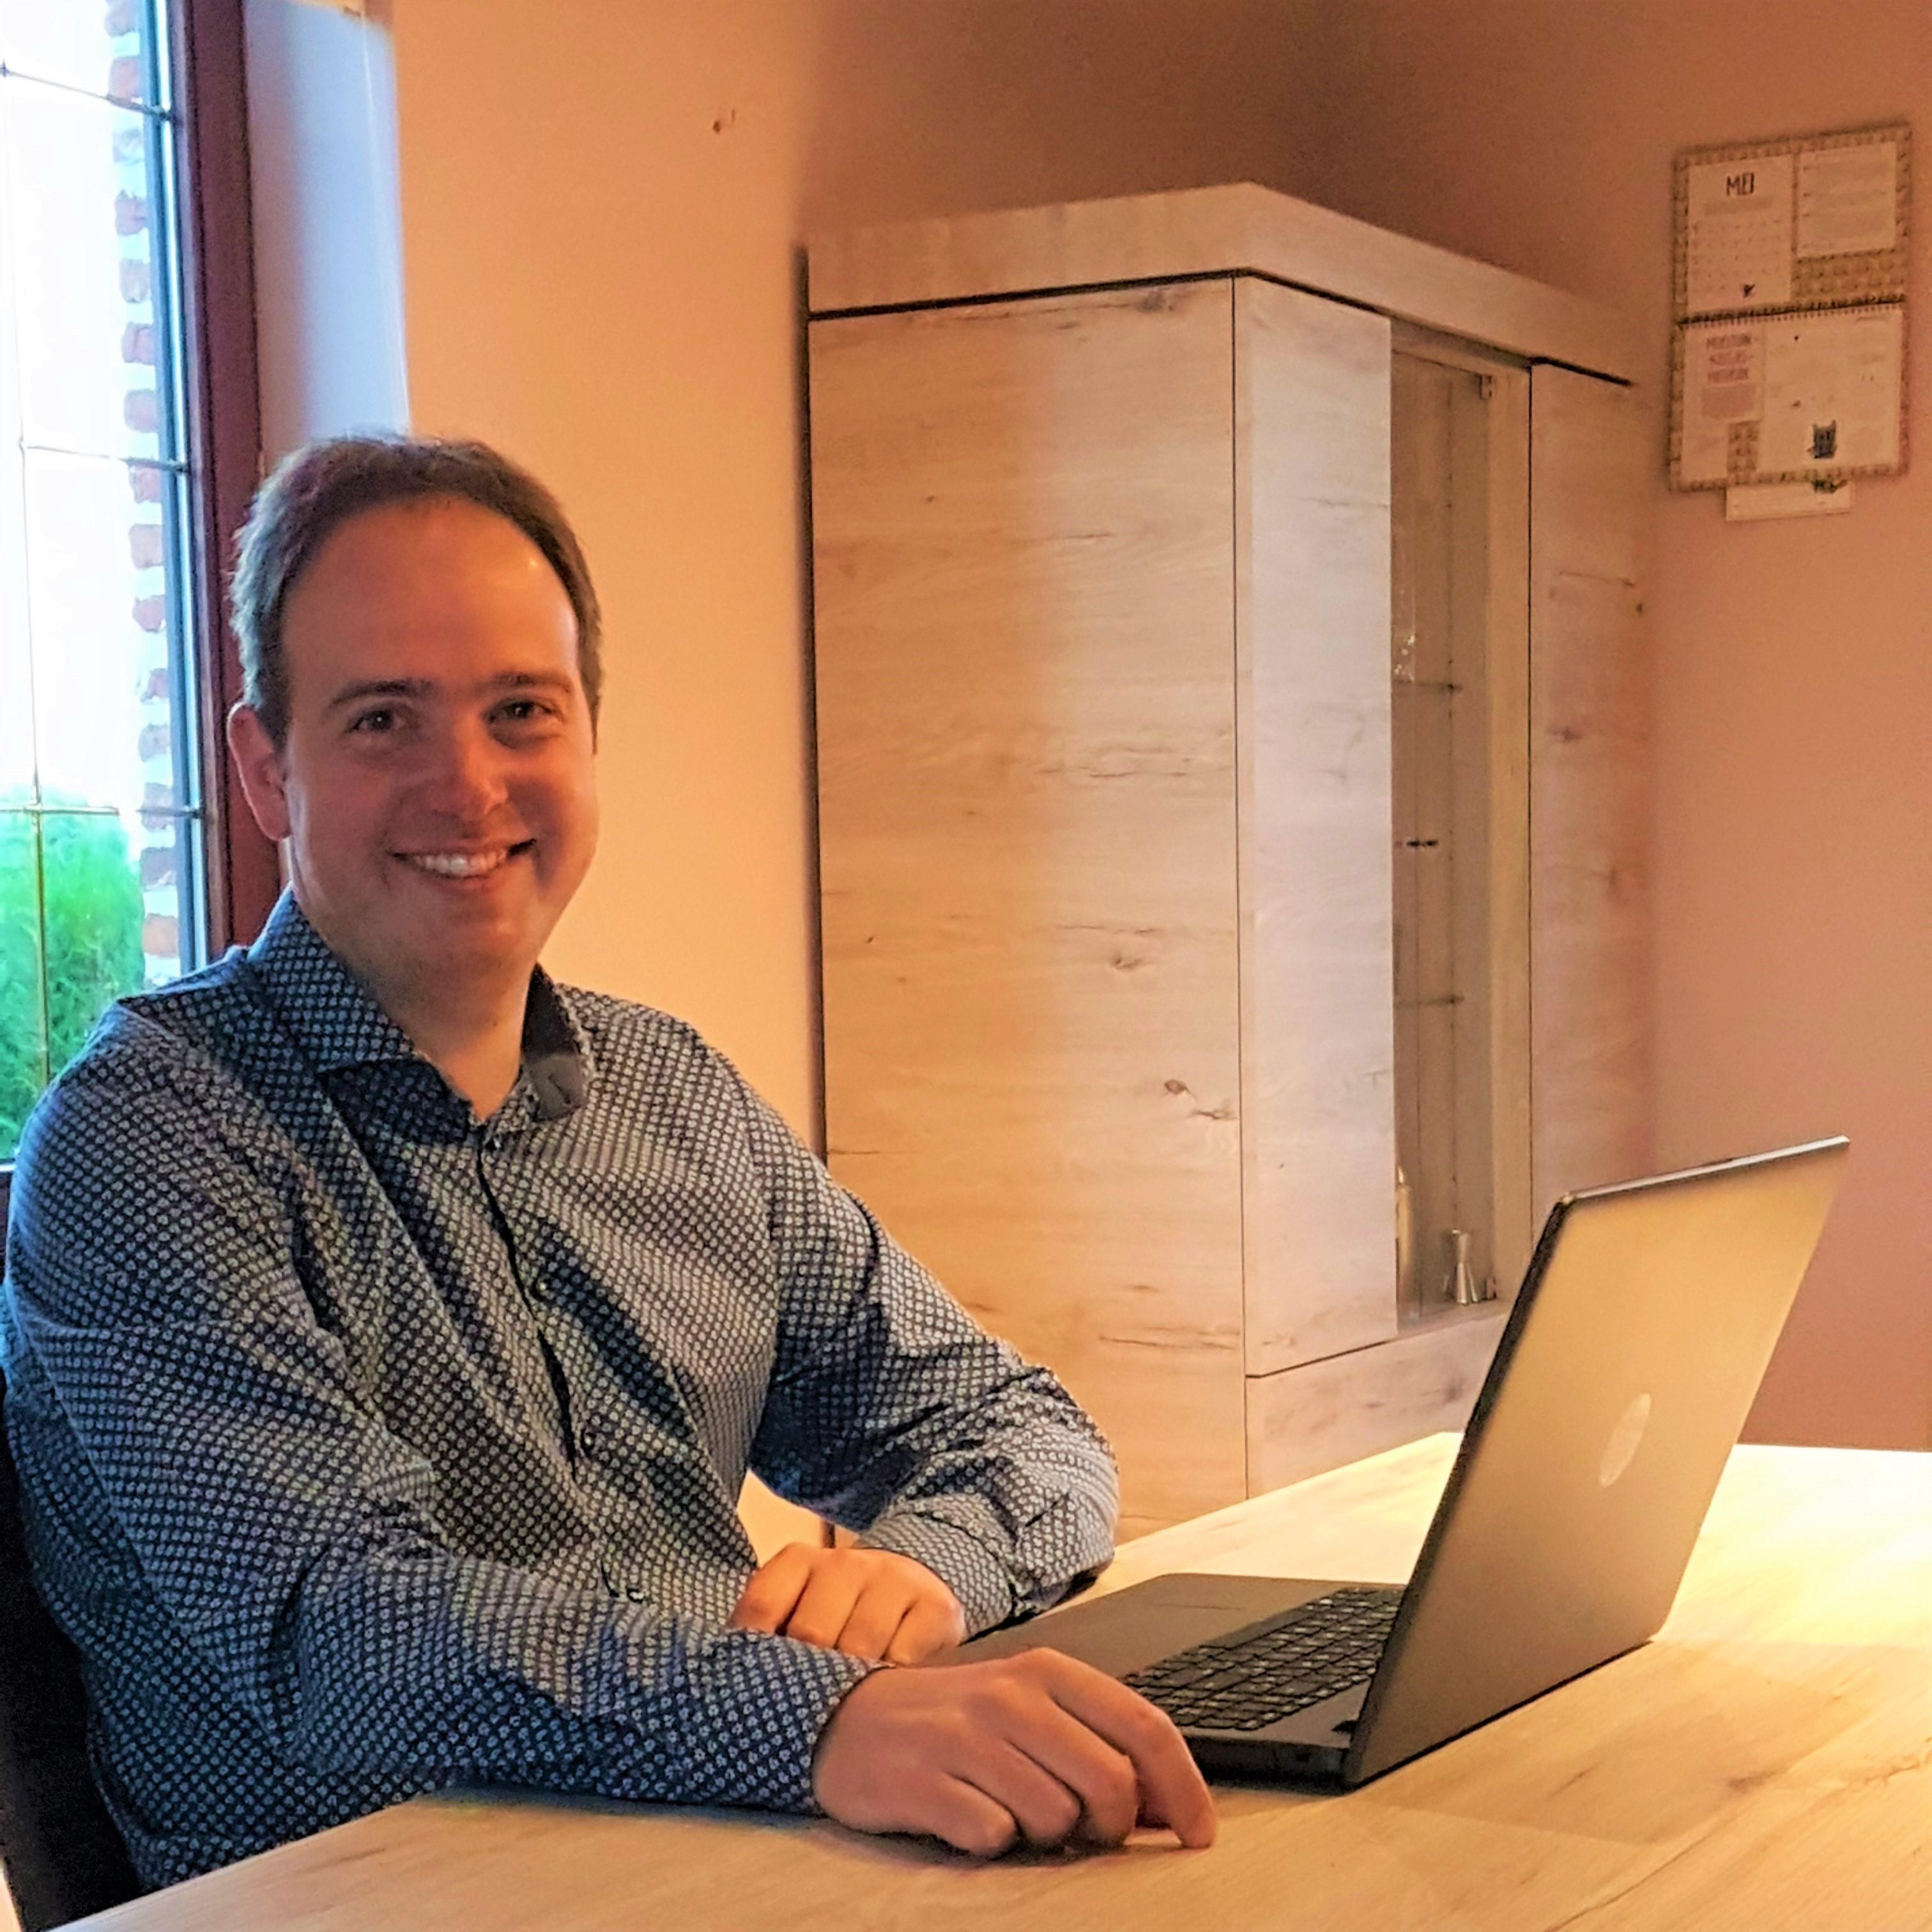 Steven van den Brink